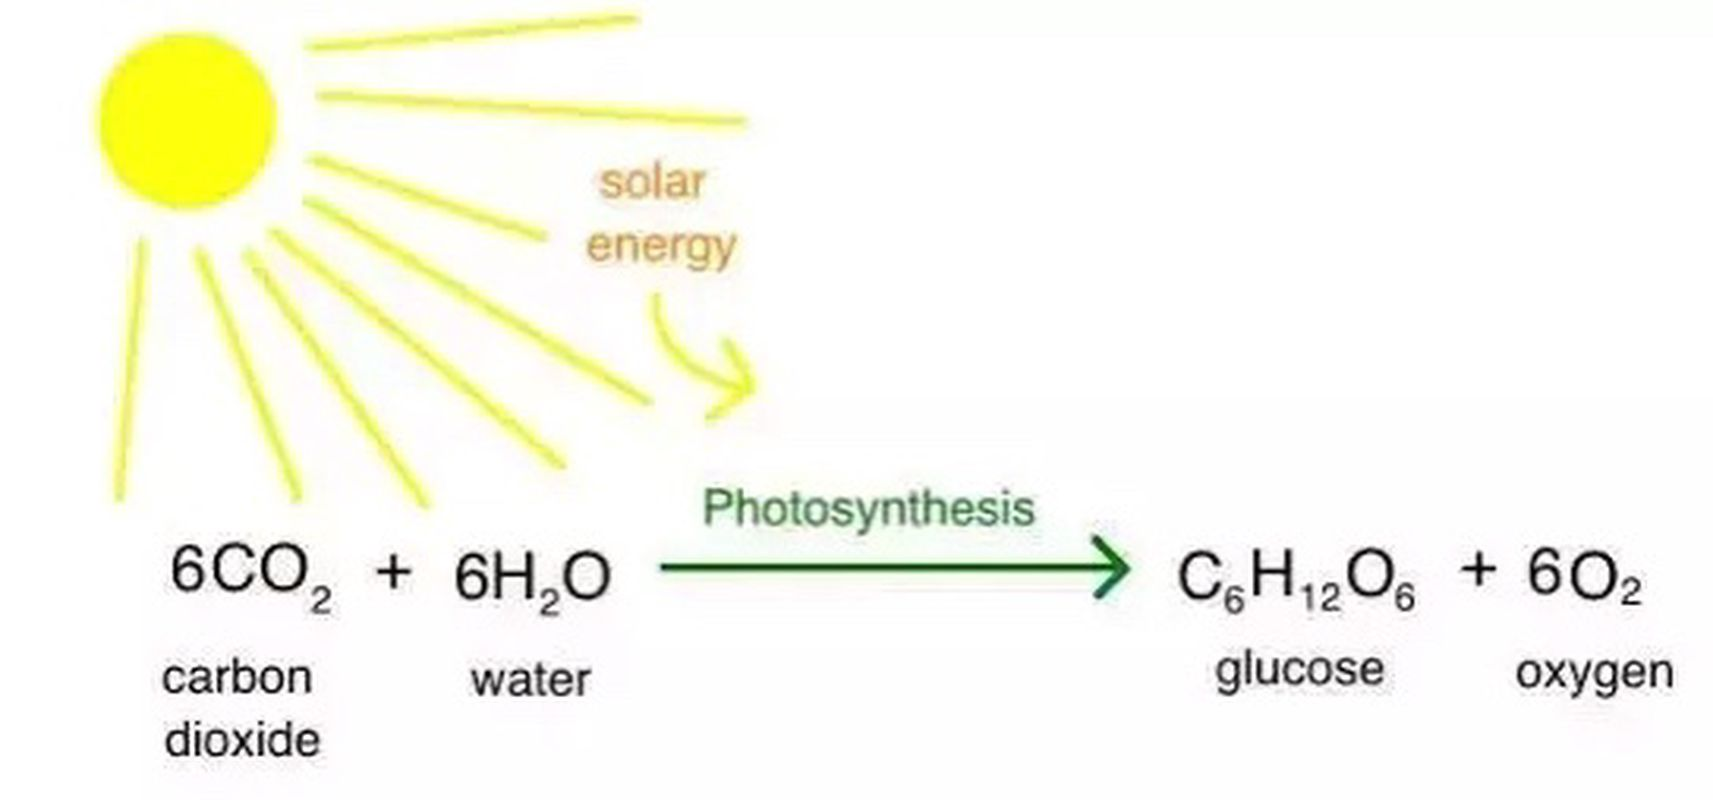 6CO2 + 6H2O ----> C6H12O6 +6O2